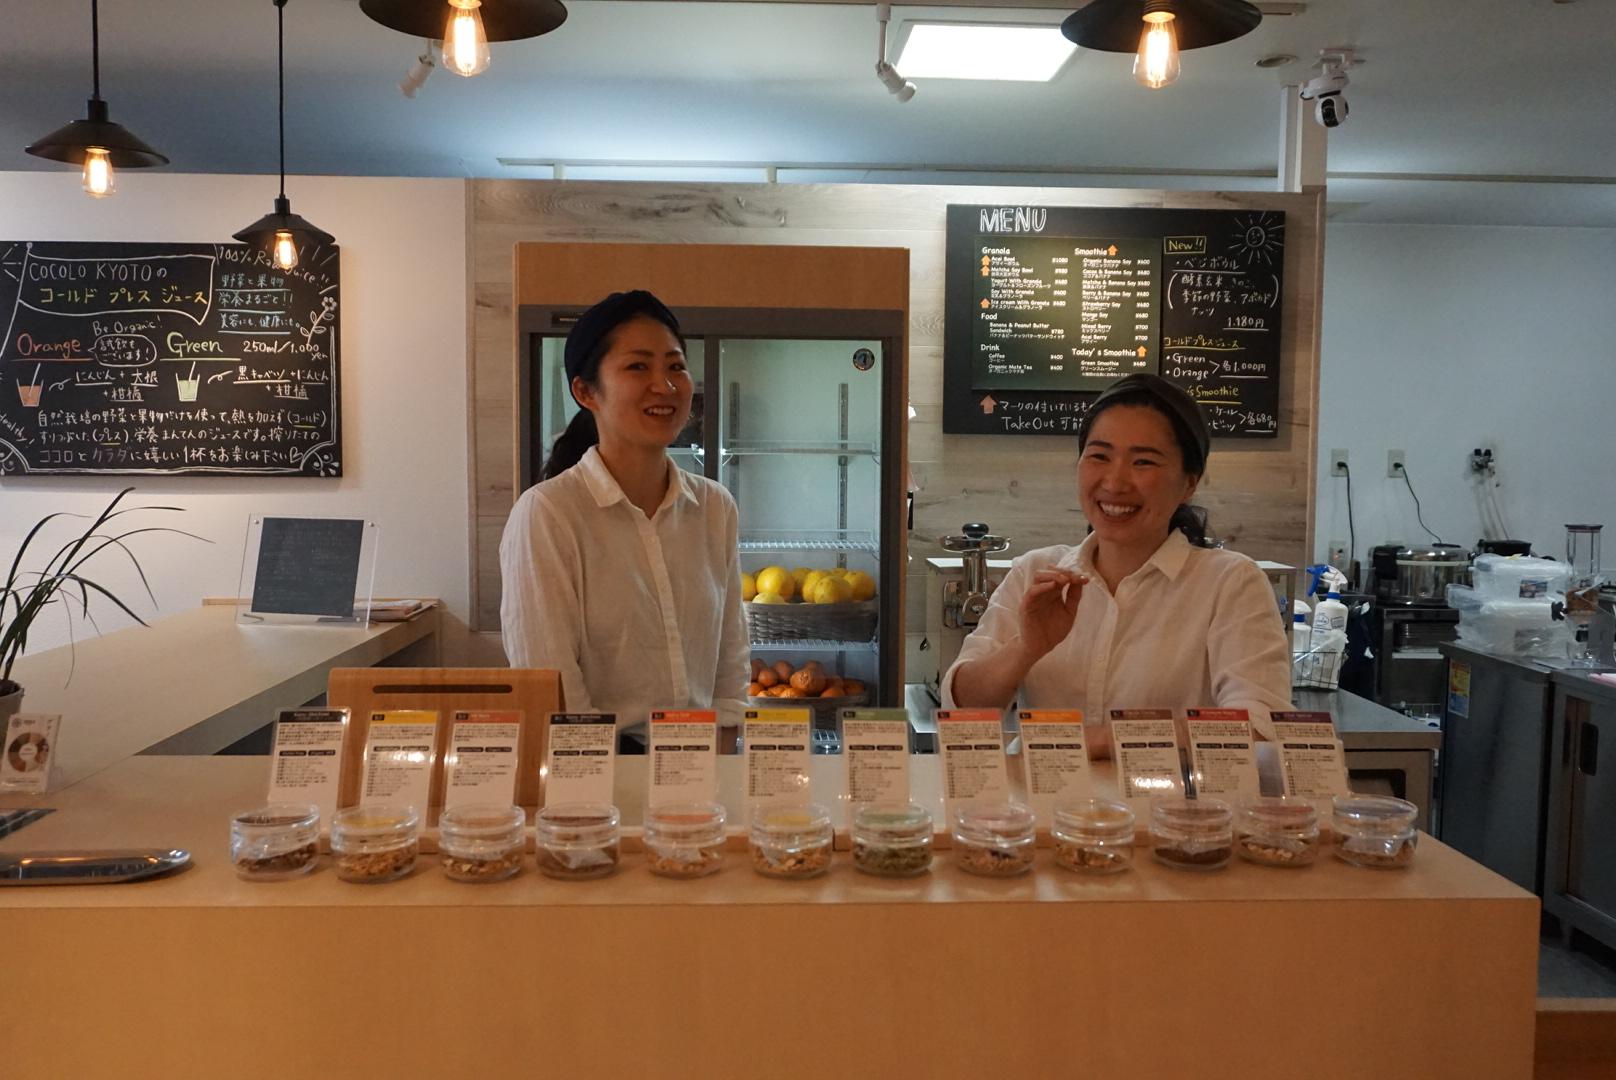 COCOLO KYOTO -Japanese style granola shop & cafe- image03